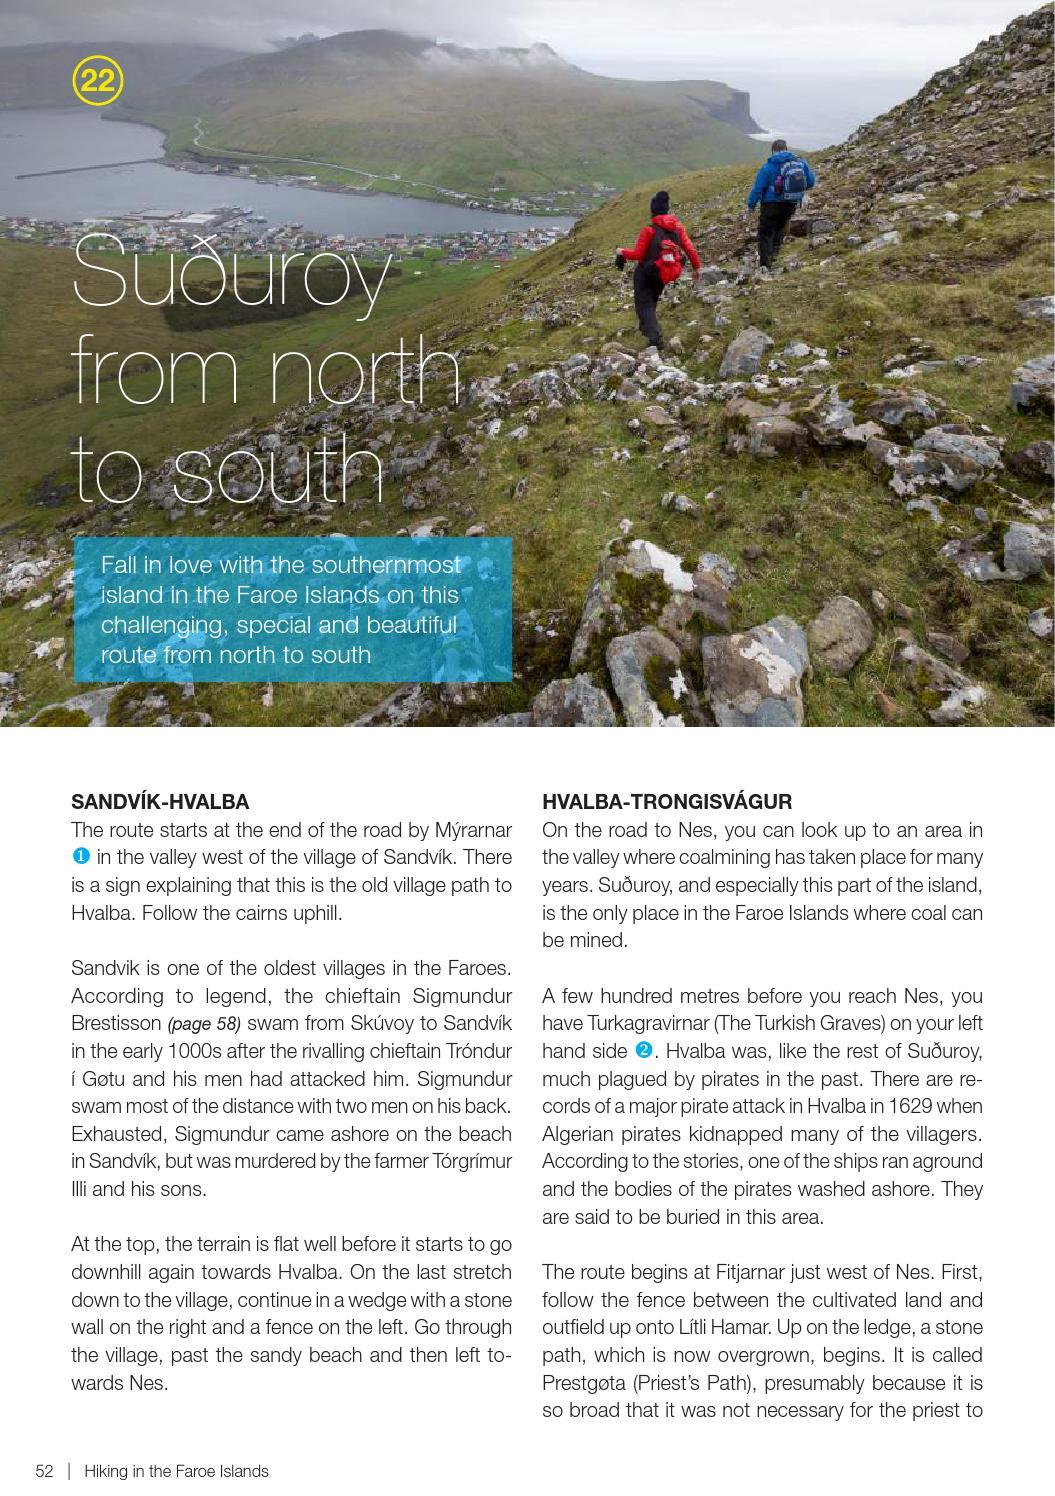 Hiking in the Faroe Islands by Visit Faroe Islands - issuu